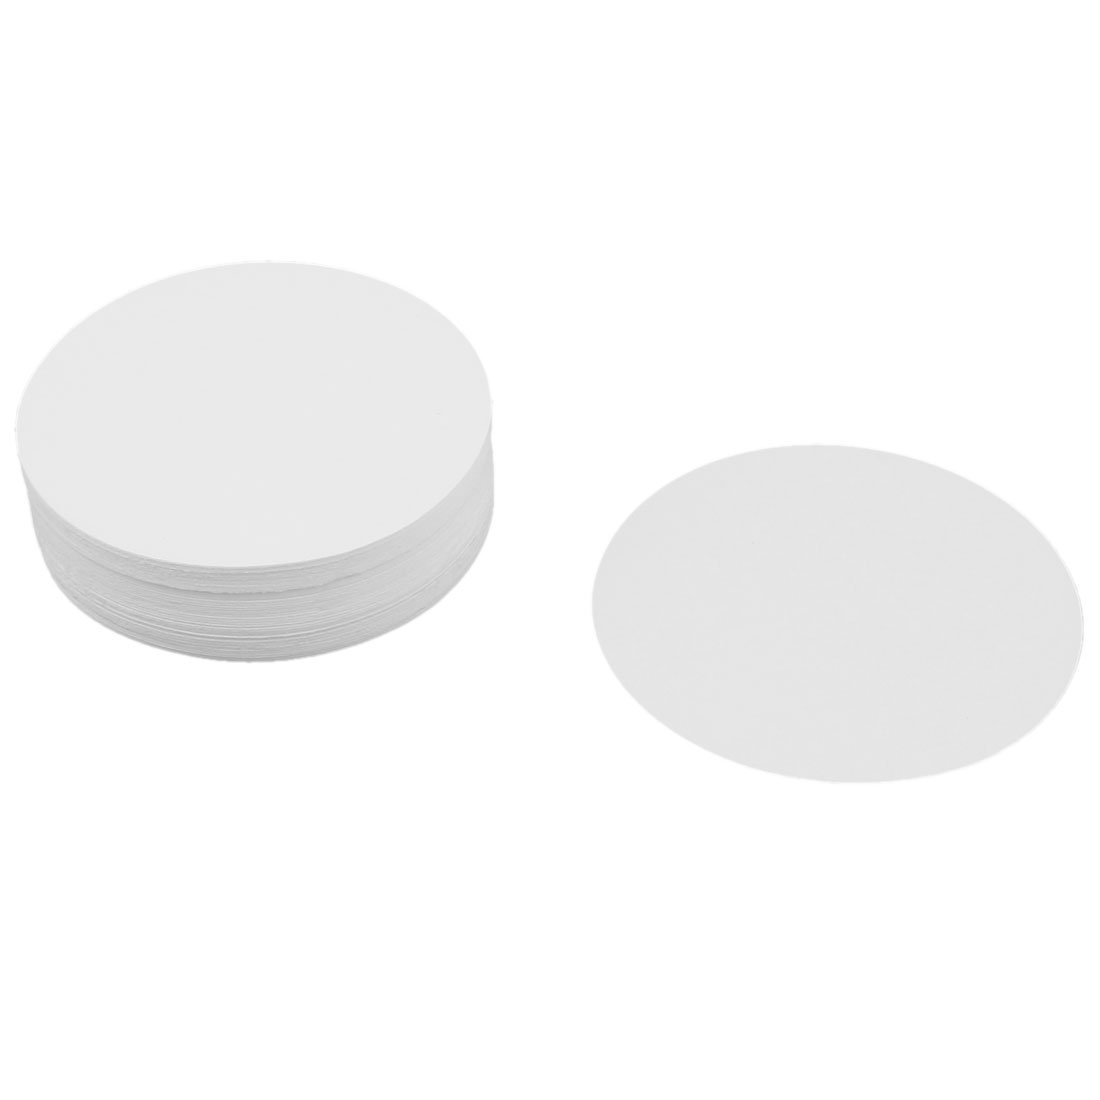 sourcingmap 100 Stü ck 0, 15% Ash Rate 7cm 3'Durchmesser Fast Flow Qualitative Filterpapier DE 15% Ash Rate 7cm 3Durchmesser Fast Flow Qualitative Filterpapier DE a14101800ux0003